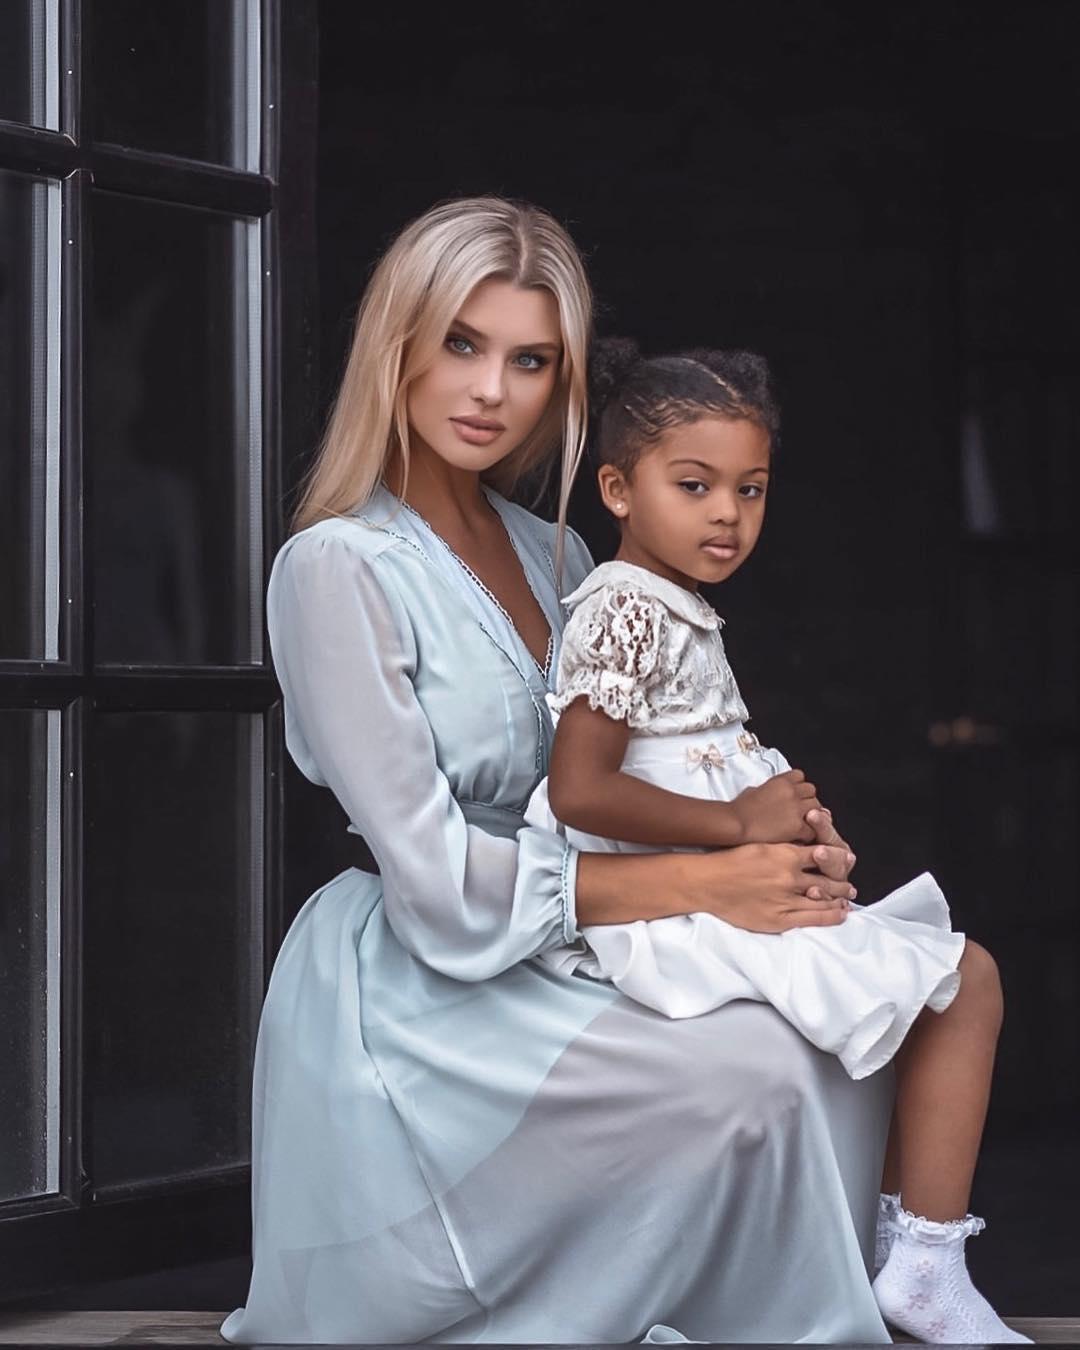 Эта необычная пара выложила в Сеть фото своей 8-летней дочери! Подписчики в восторге от красоты их ребенка